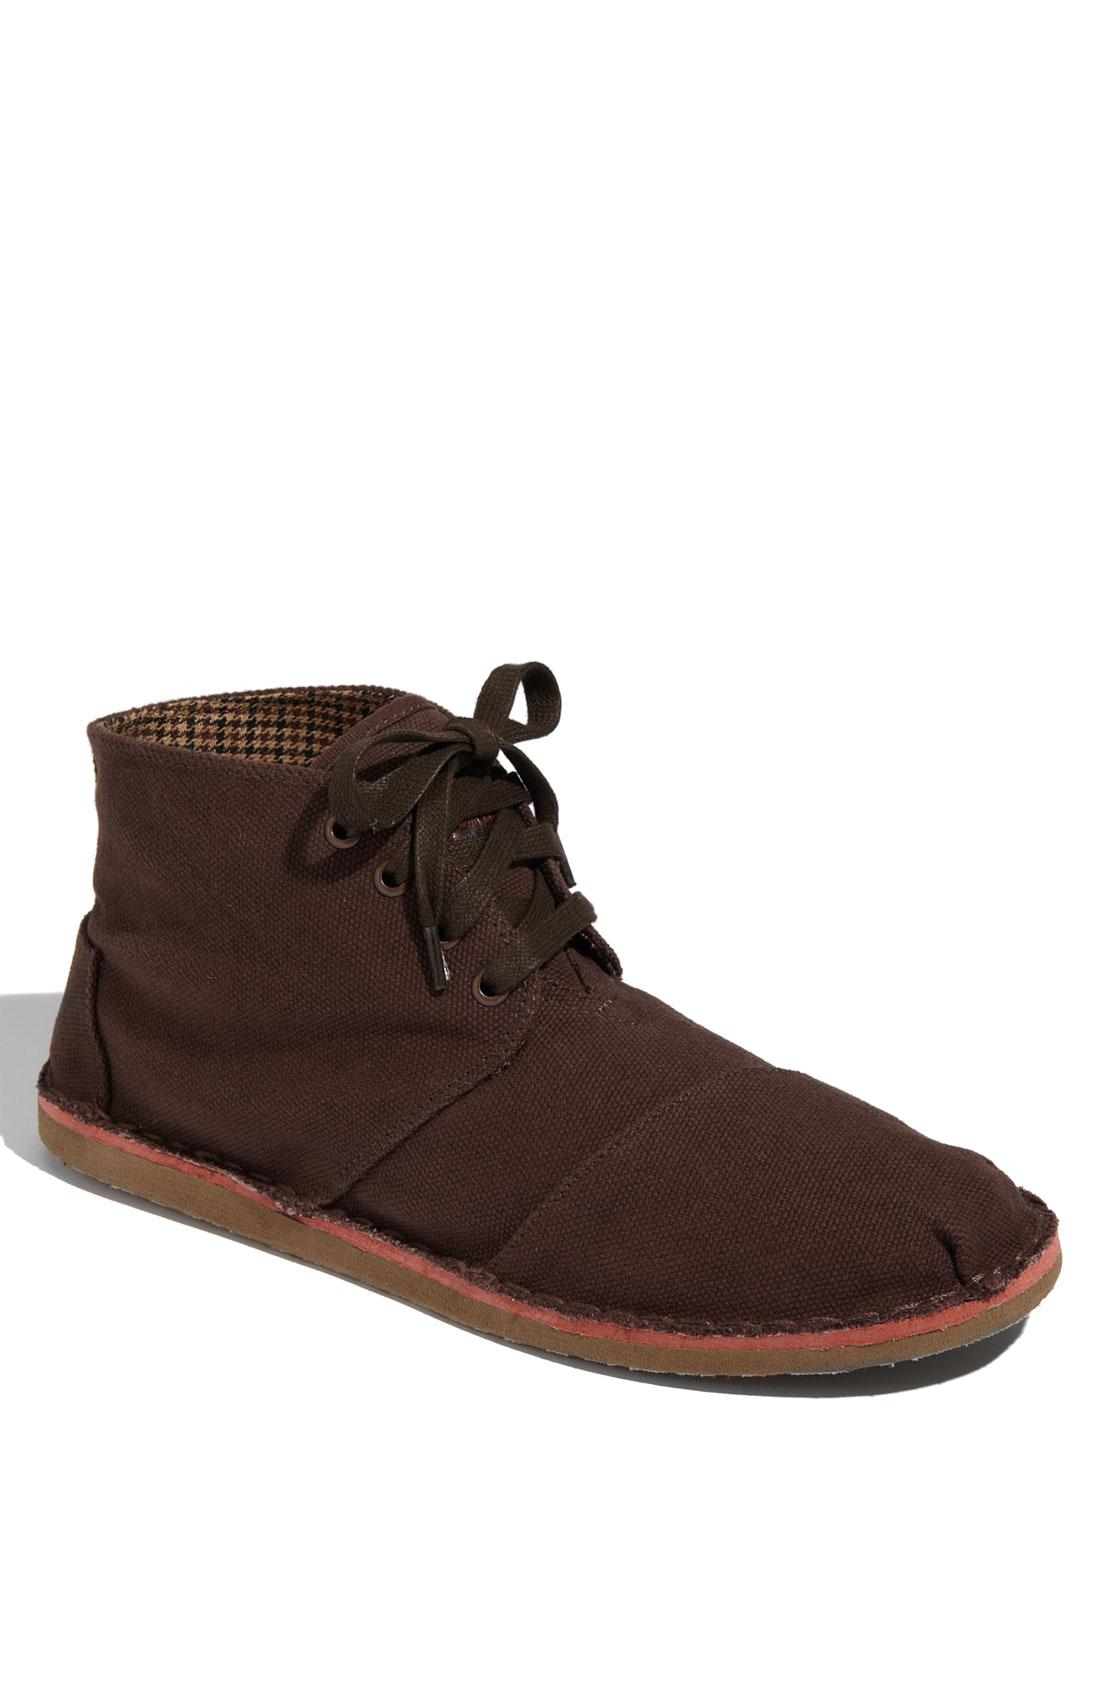 toms desert botas chukka boot in brown for lyst